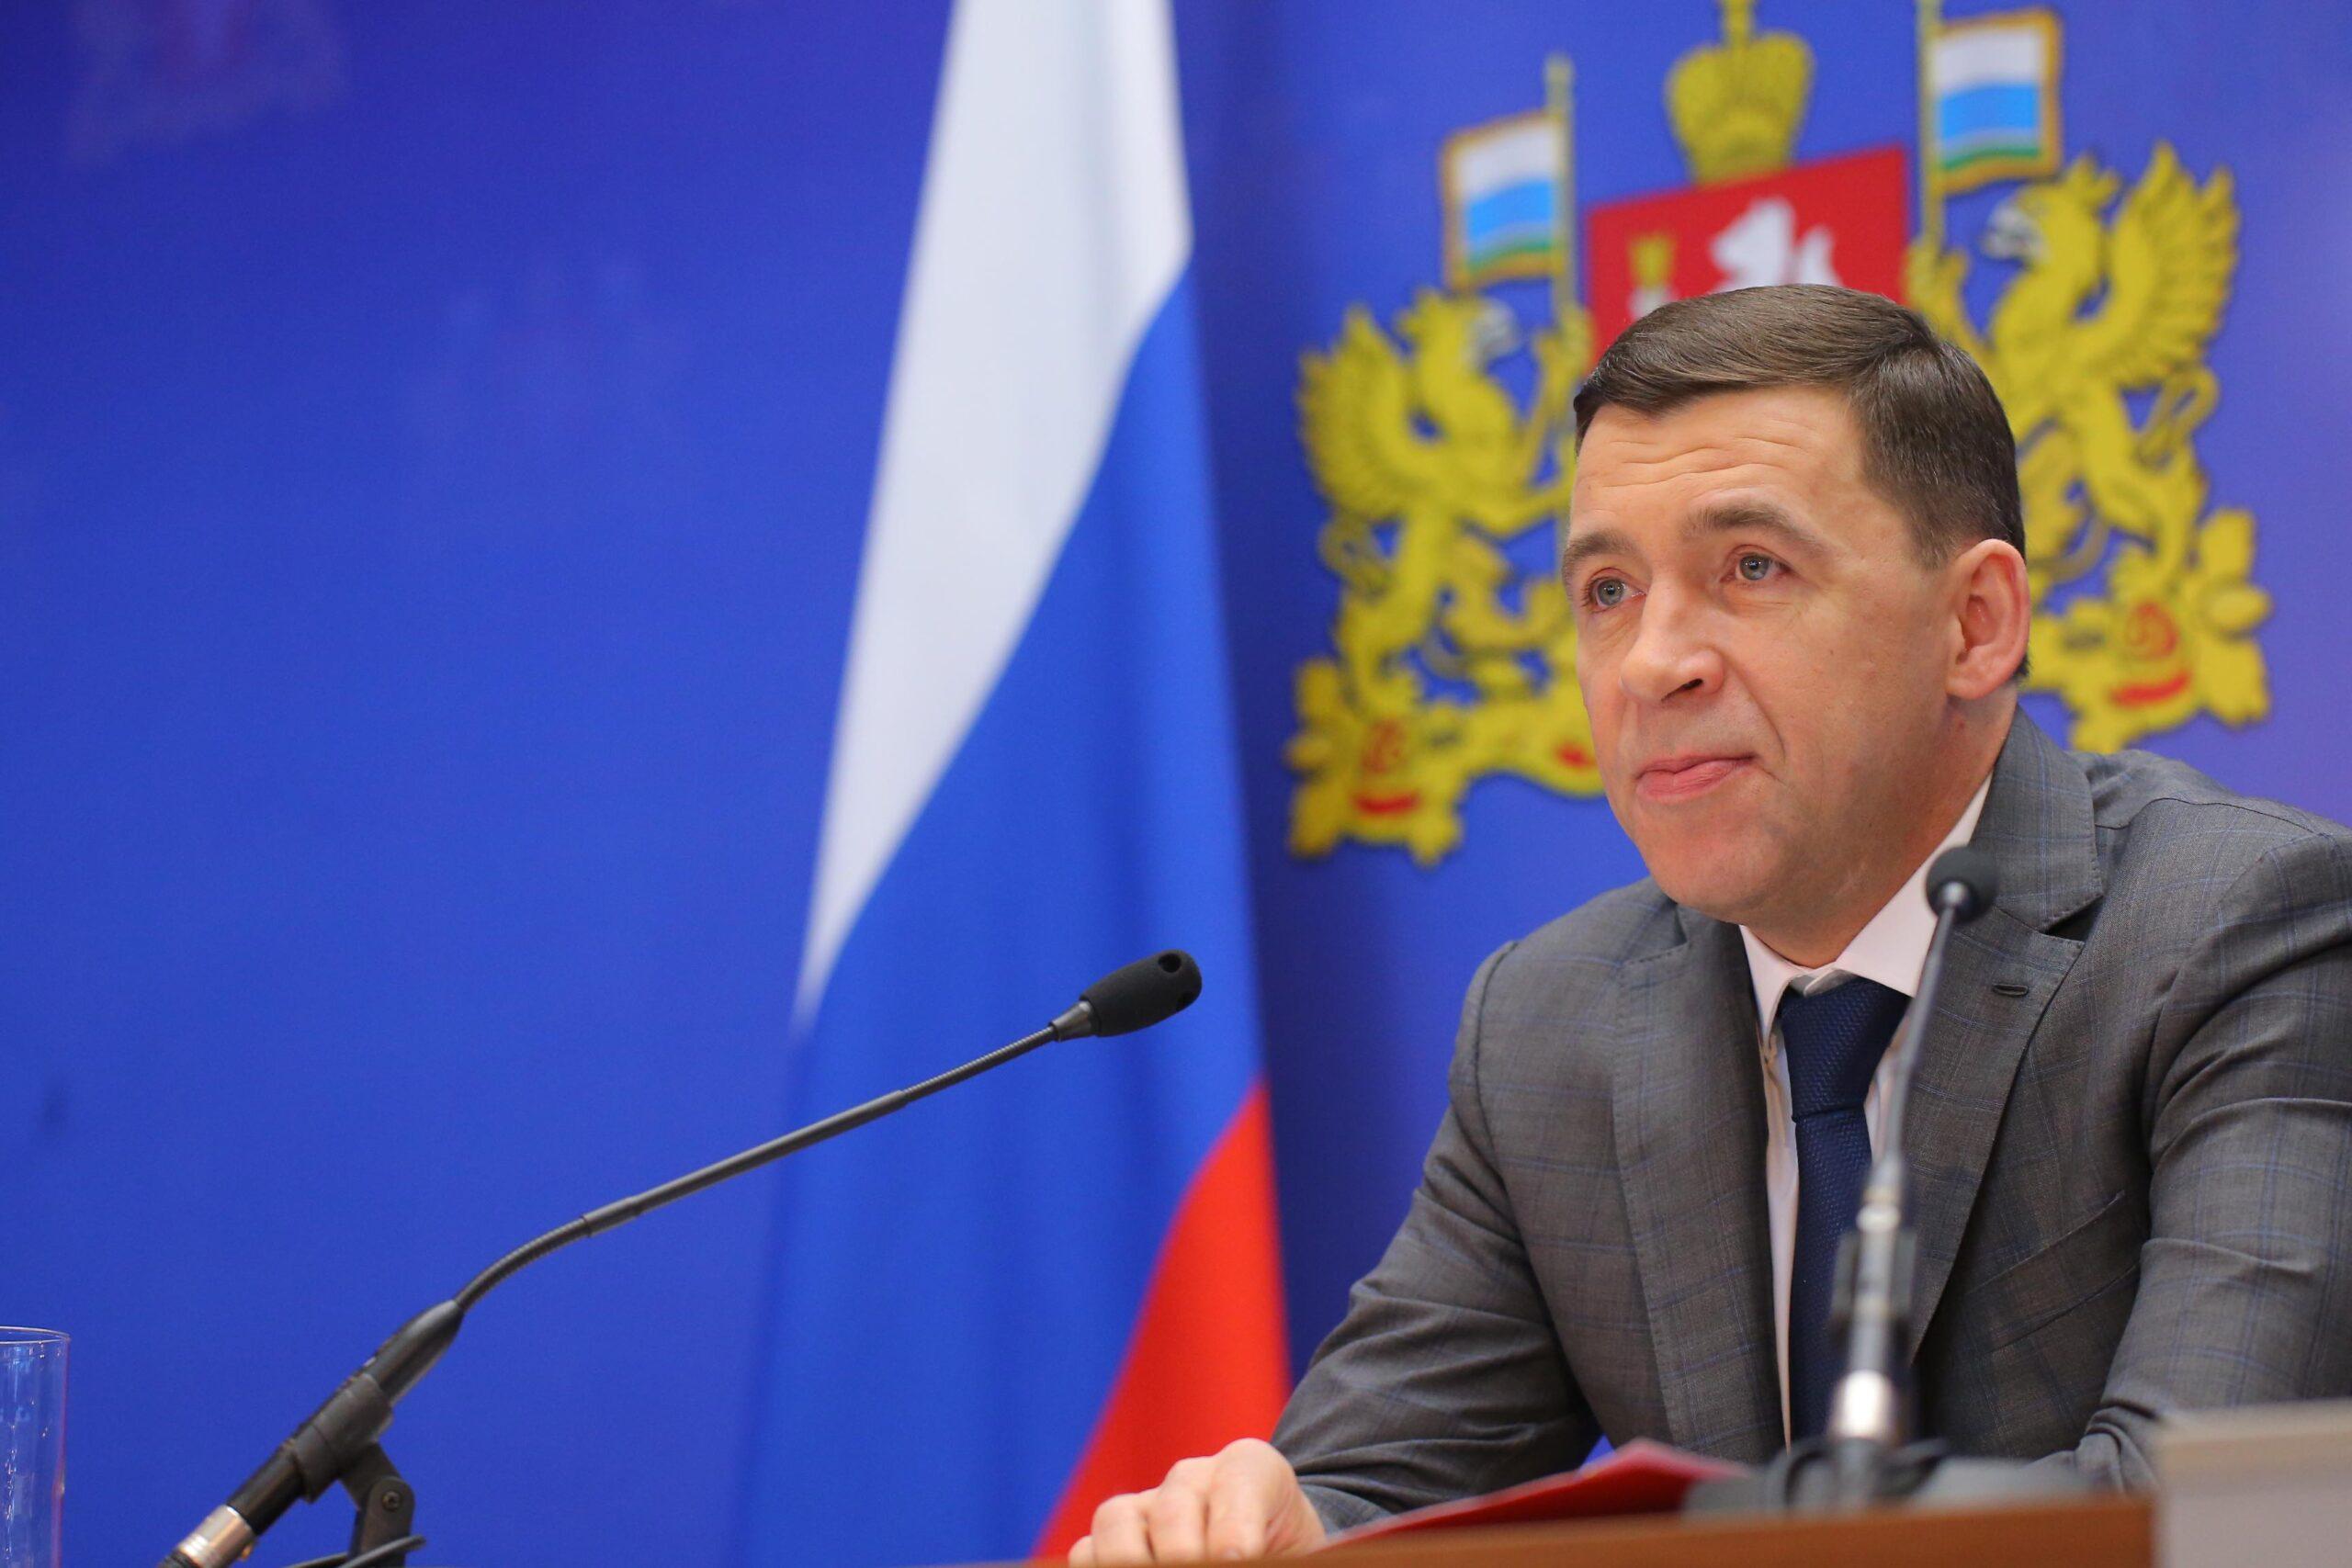 Министерство цифрового развития и связи создадут в Свердловской области